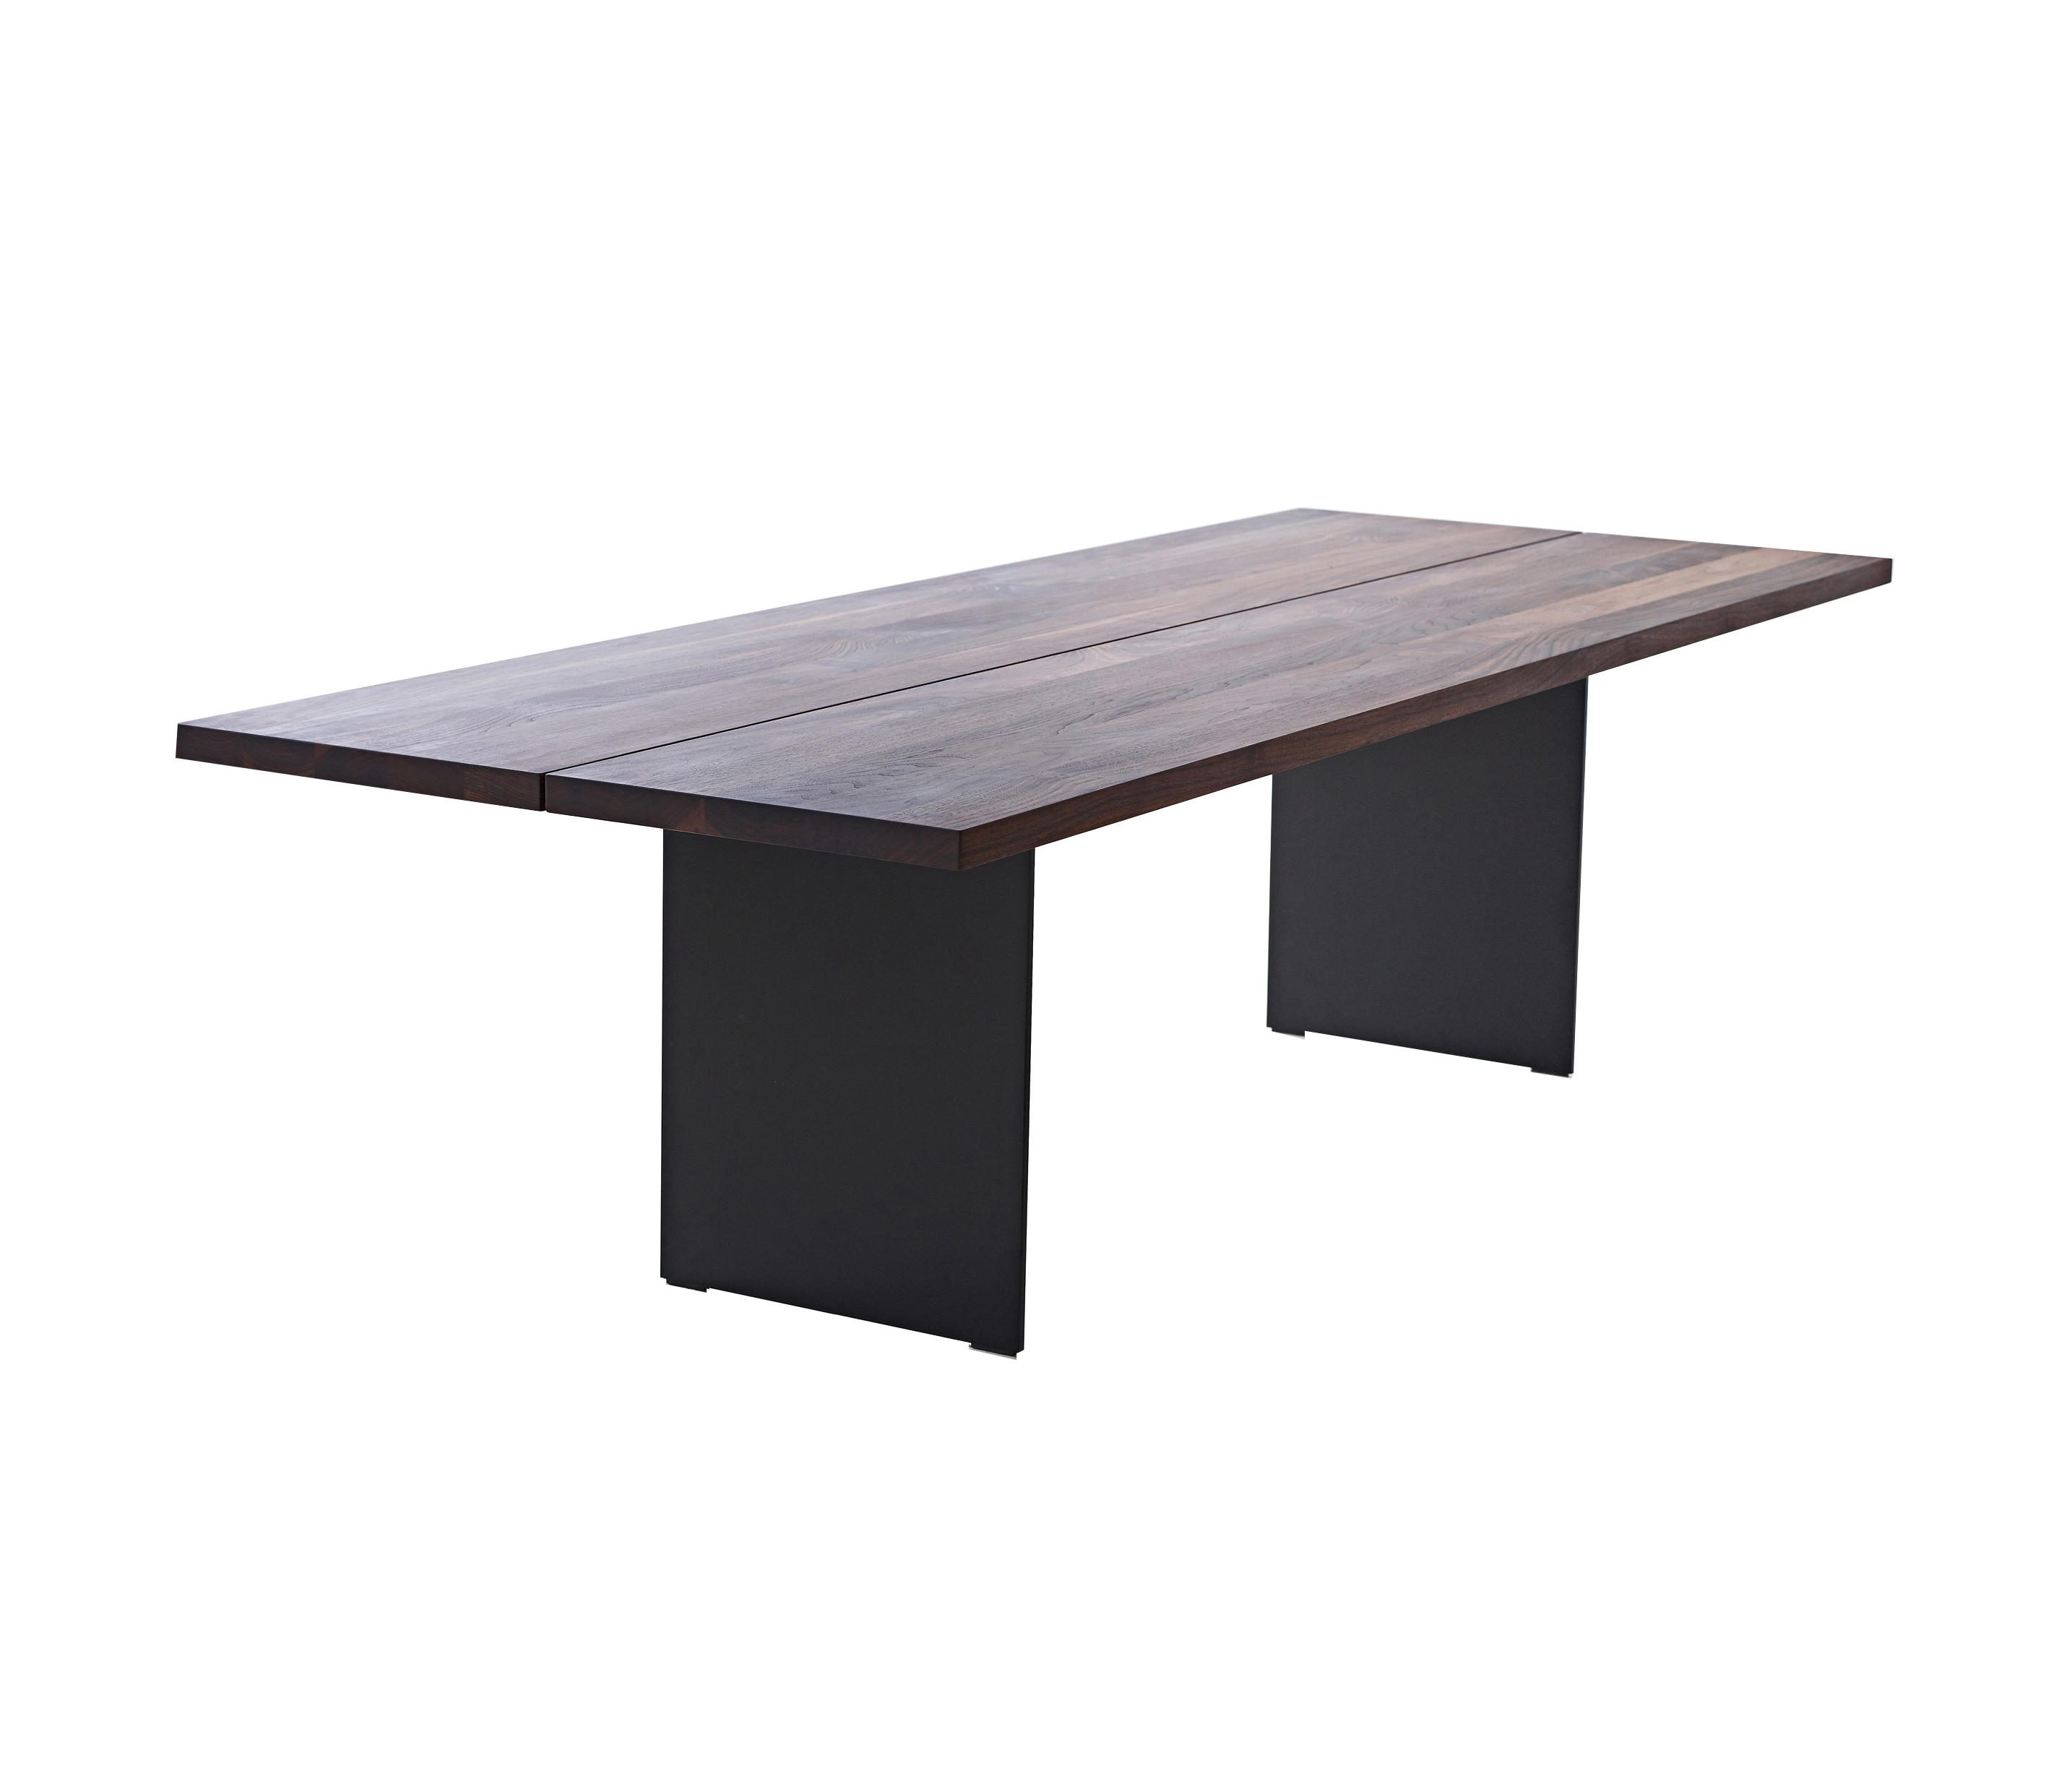 Rectangular Restaurant Tables - Dk3_3 table by dk3 restaurant tables